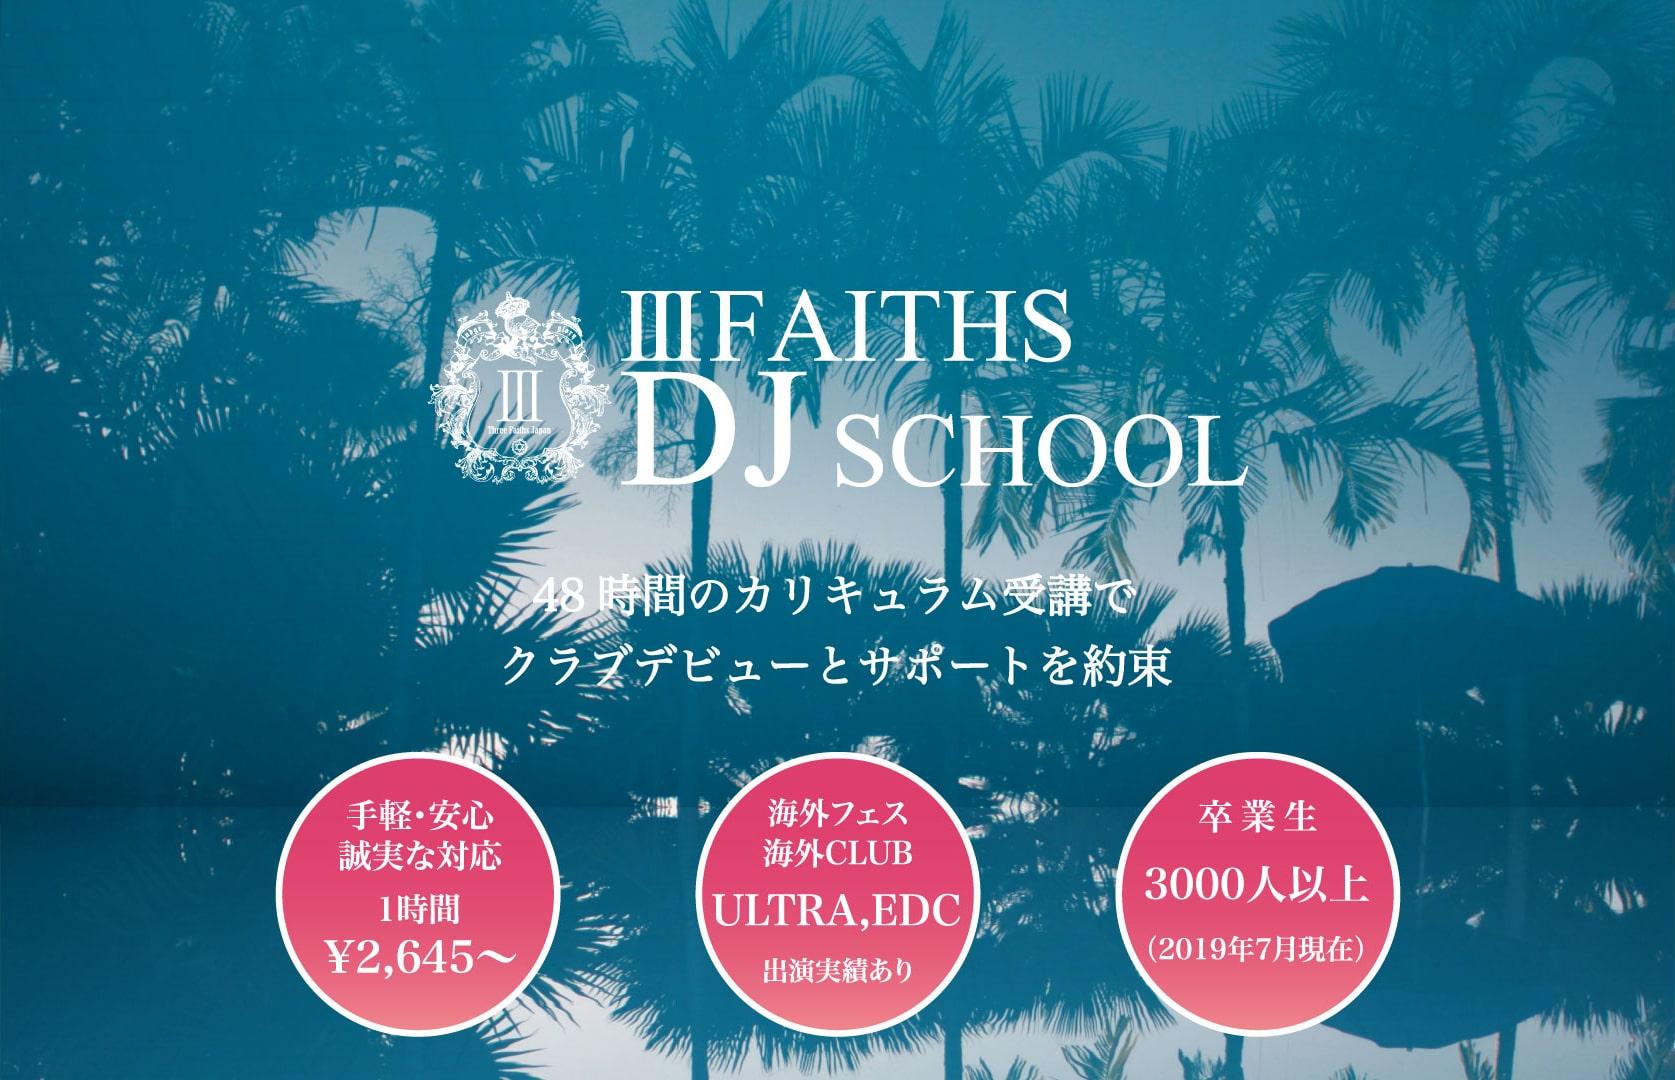 東京渋谷DJスクール|Ⅲ FAITHS DJ SCHOOL